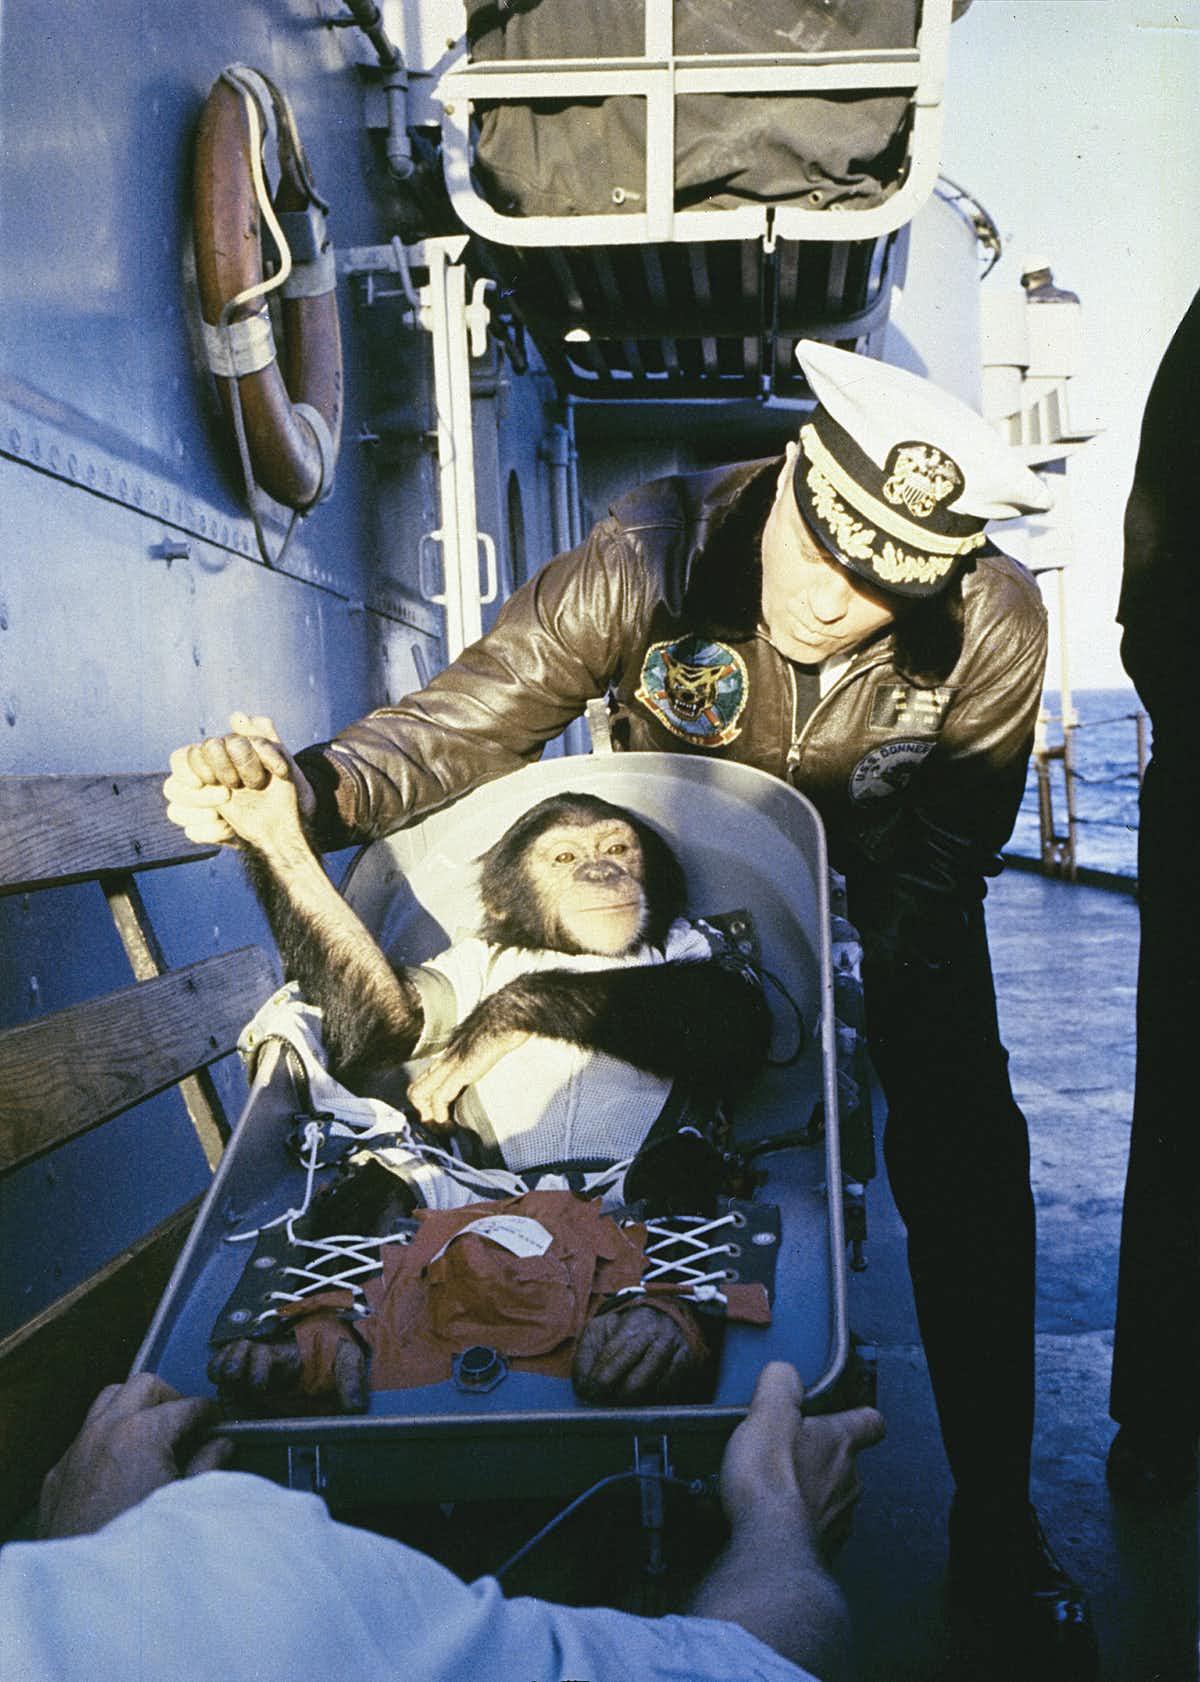 Ham serre la main d'un membre de l'équipe de récupération après sa sortie de la capsule.